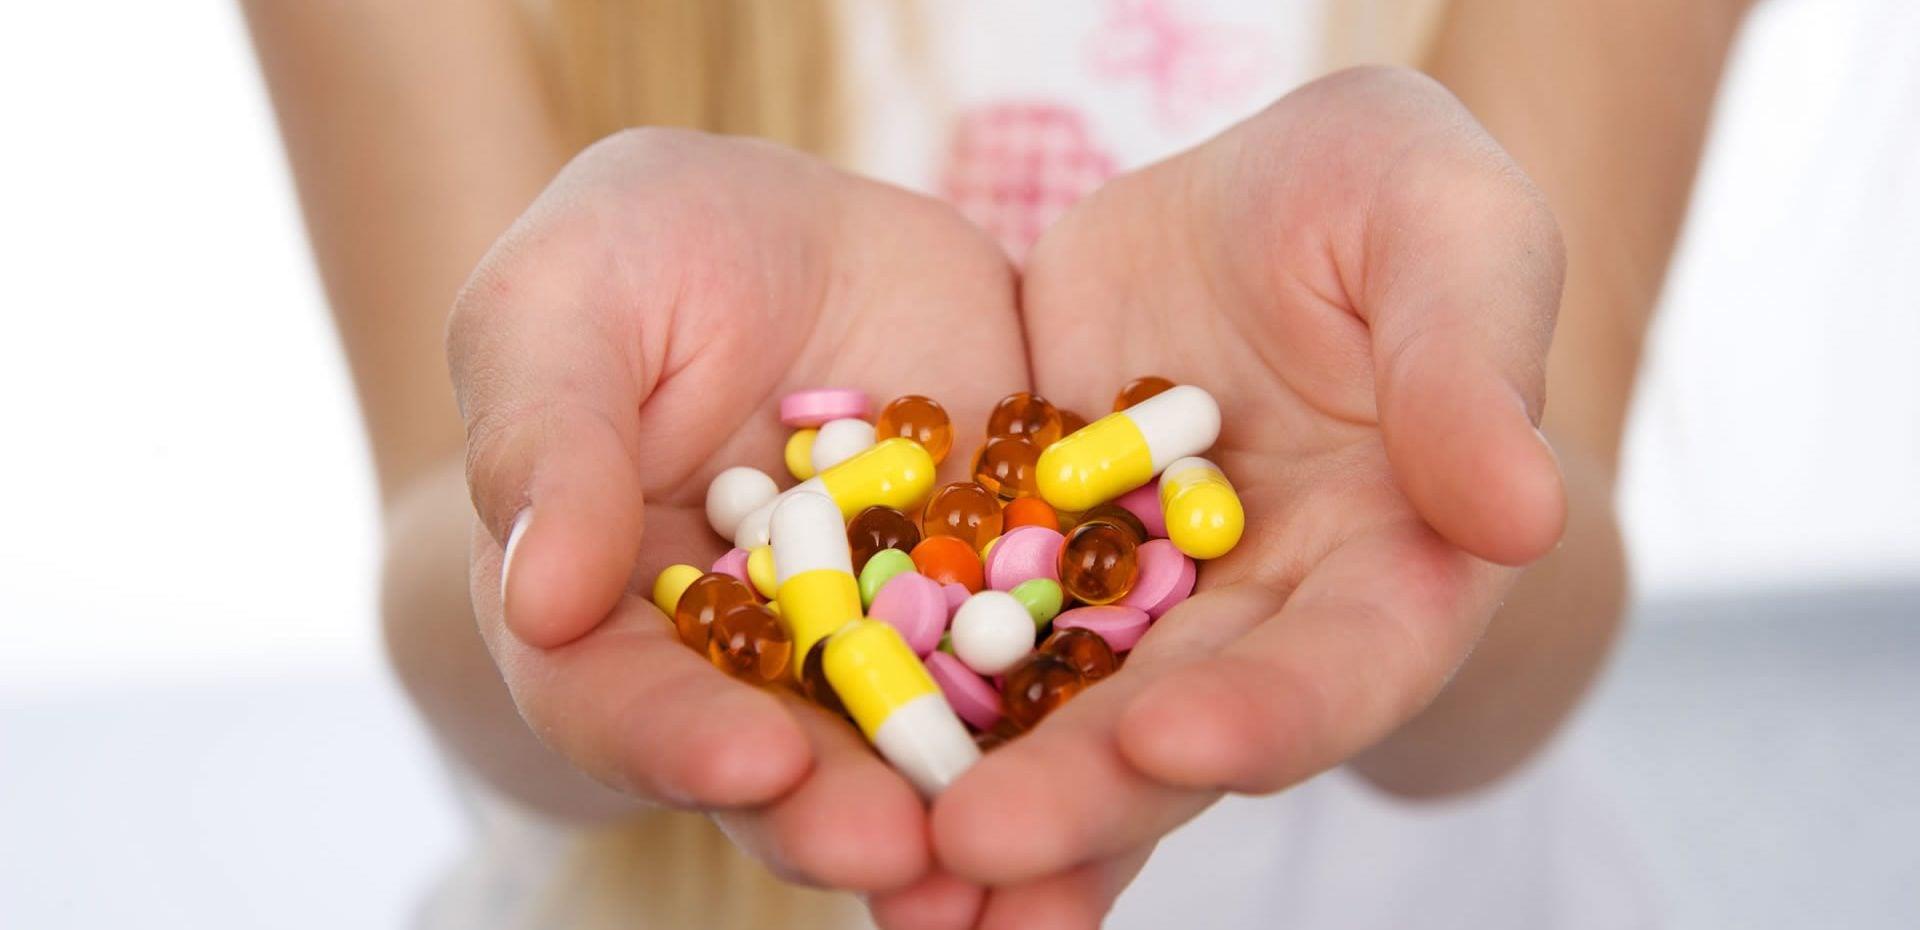 مصرف خودسرانه دارو ممنوع